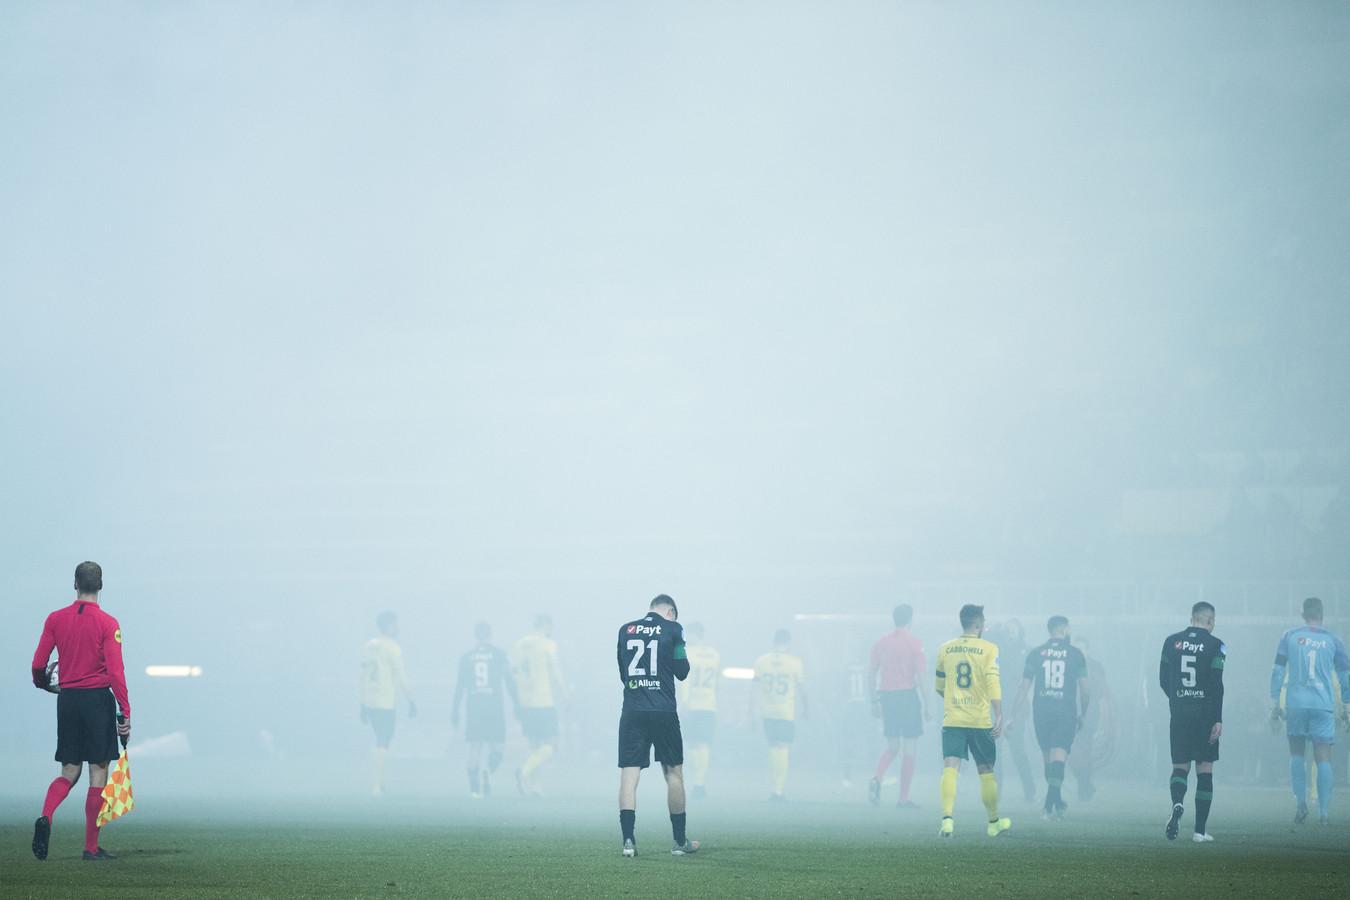 De spelers gingen even van het veld vanwege de vuurwerkrook.